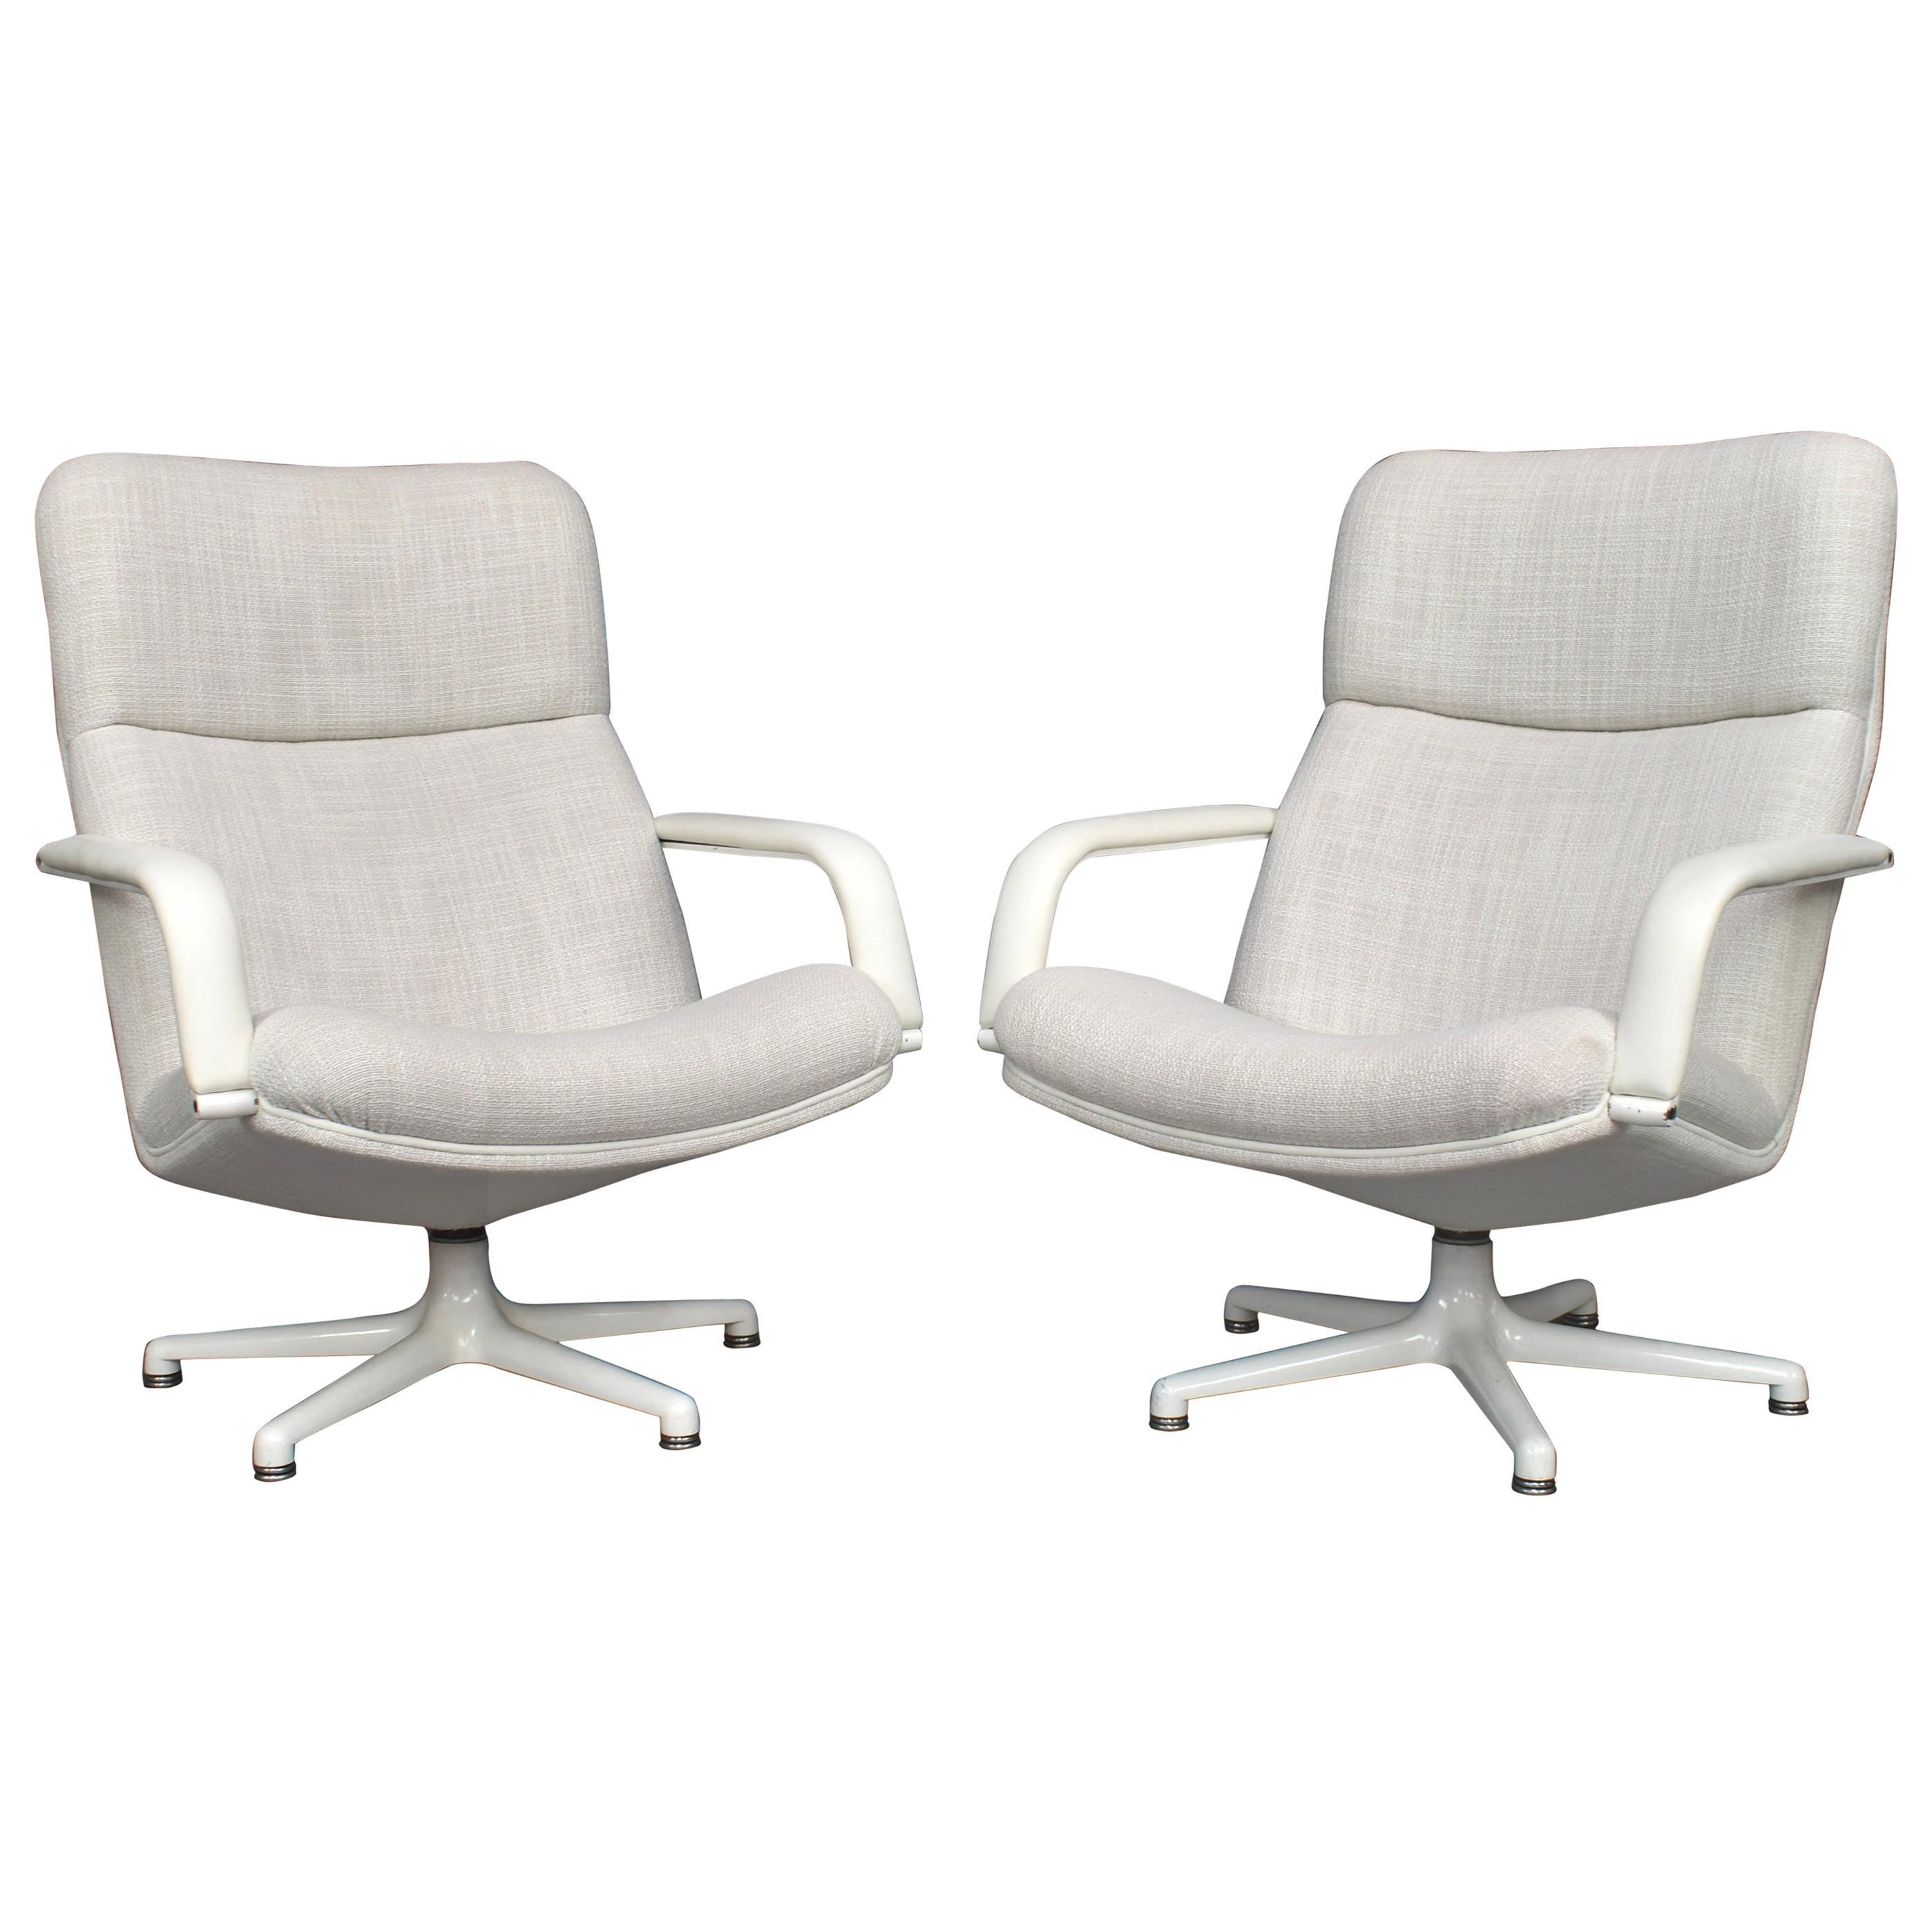 Geoffrey Harcourt Model F154 Swivel Lounge Armchairs by Artifort